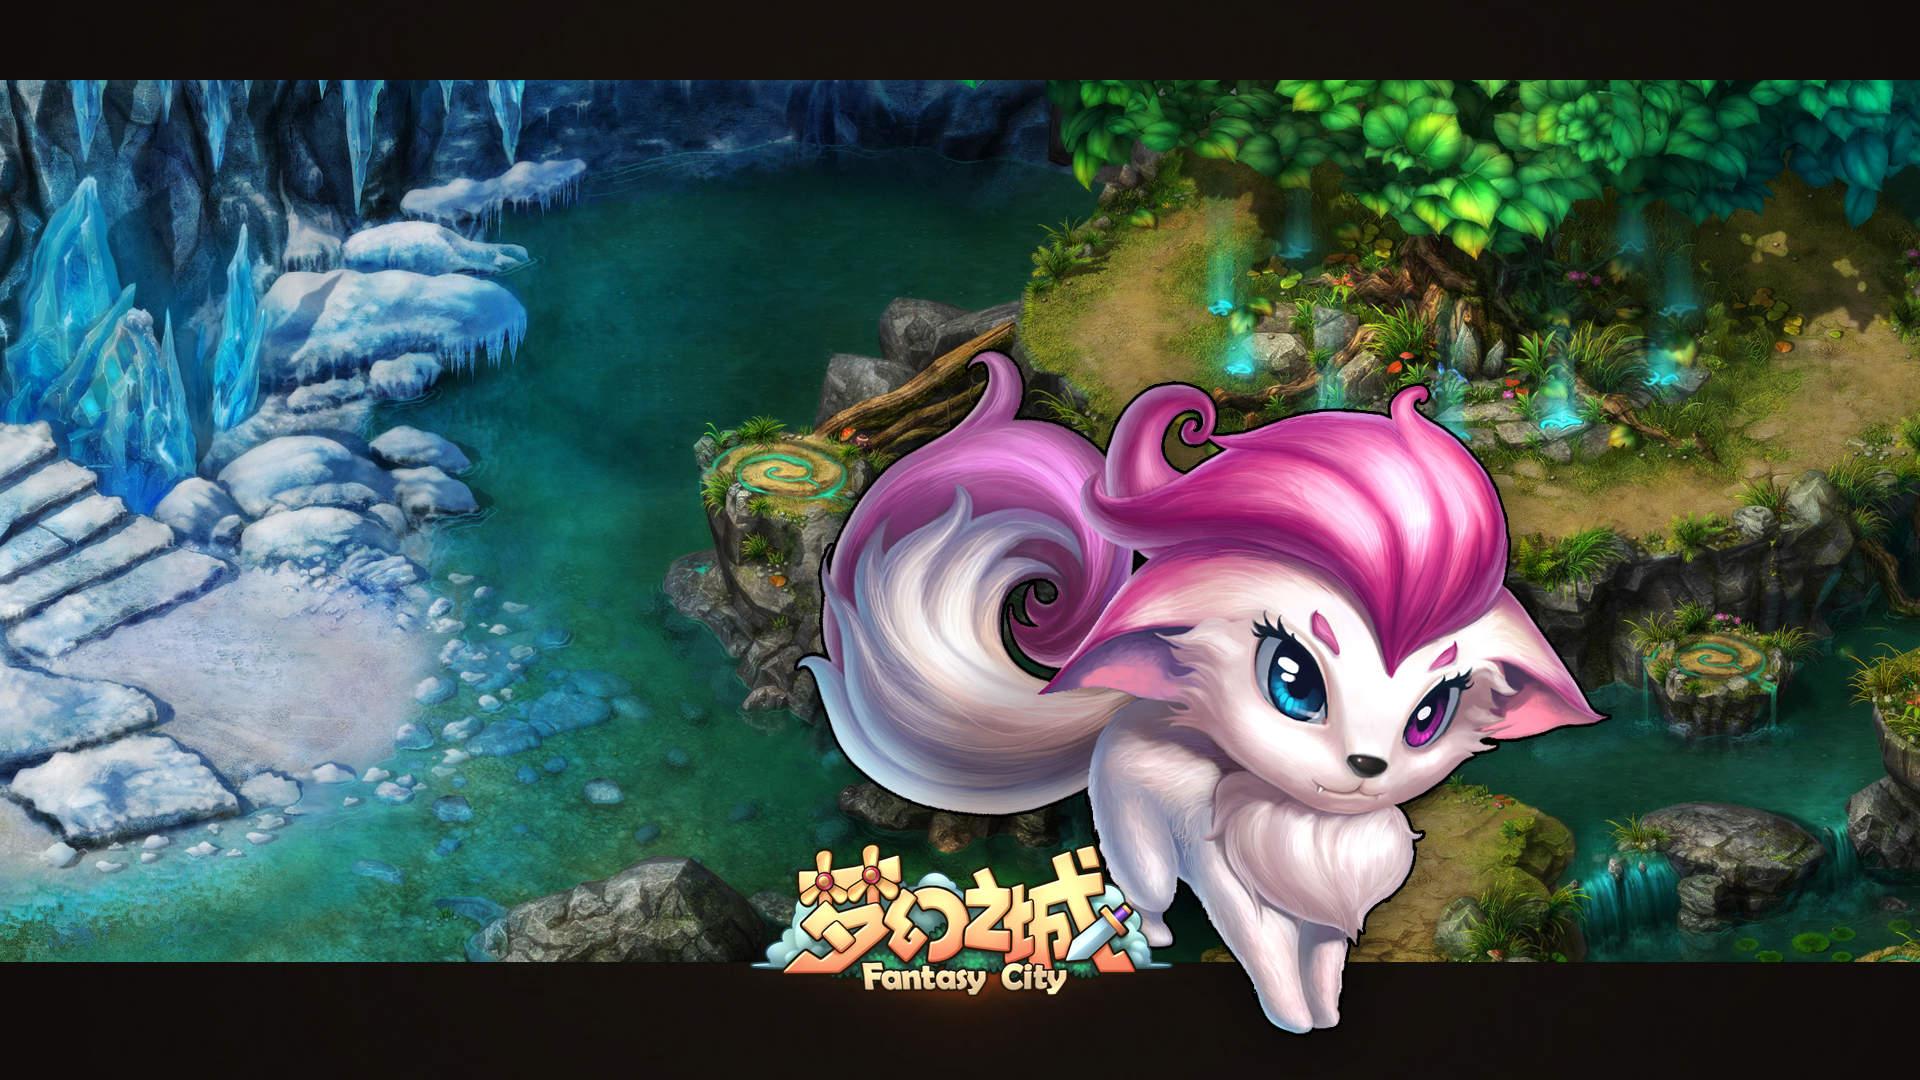 梦幻之城壁纸可爱的小狐狸 游戏壁纸 07073梦幻之城网页游戏官网